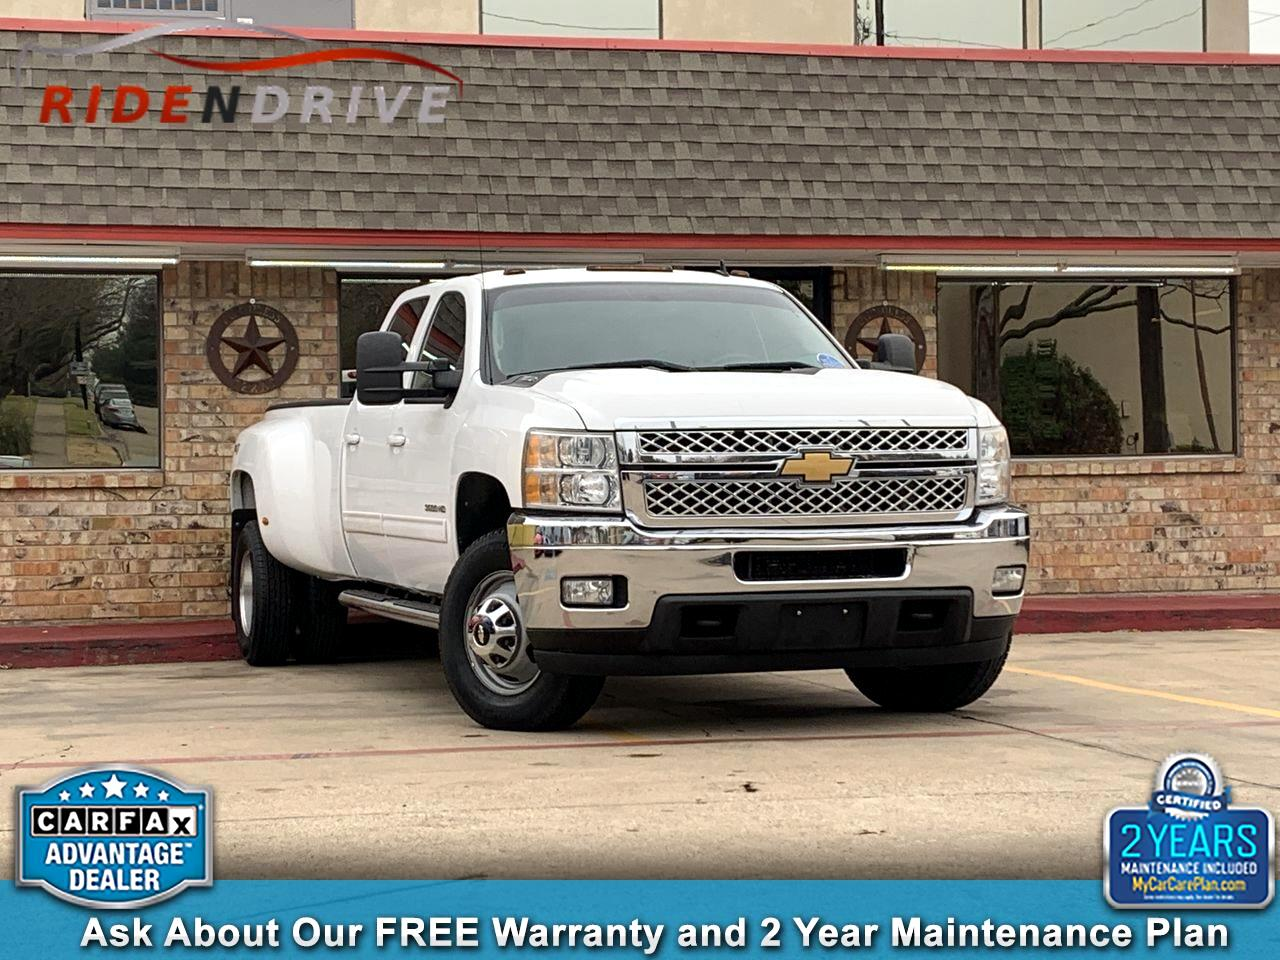 2013 Chevrolet Silverado 3500HD 4WD Crew Cab 167.7